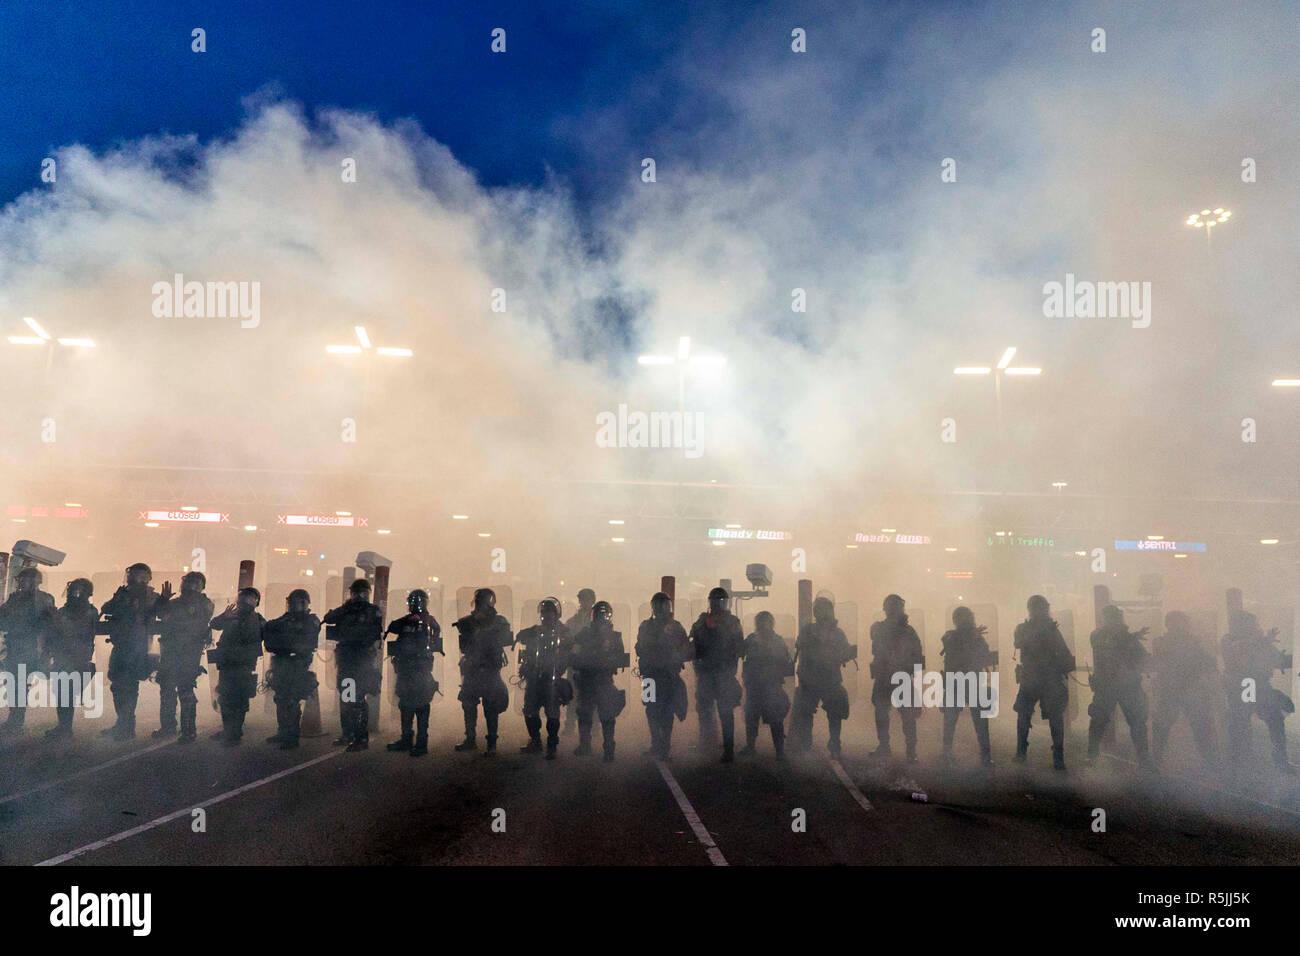 Tijuana, México. El 1 de diciembre de 2018. Los soldados de los EE.UU. La Agencia de Aduanas y Protección Fronteriza están de pie en el humo durante un ejercicio en la frontera con México. México comparte una frontera de unos 3200 kilómetros con los Estados Unidos. Más de 6.000 migrantes de Centroamérica están esperando actualmente en la ciudad fronteriza de Tijuana para solicitar asilo en los Estados Unidos. Huyen de la violencia y la pobreza en sus países de origen. En 01.12.2018 el candidato izquierdista López Obrador fue juramentado como el nuevo presidente de México. Crédito: Jair Cabrera Torres/dpa/Alamy Live News Imagen De Stock